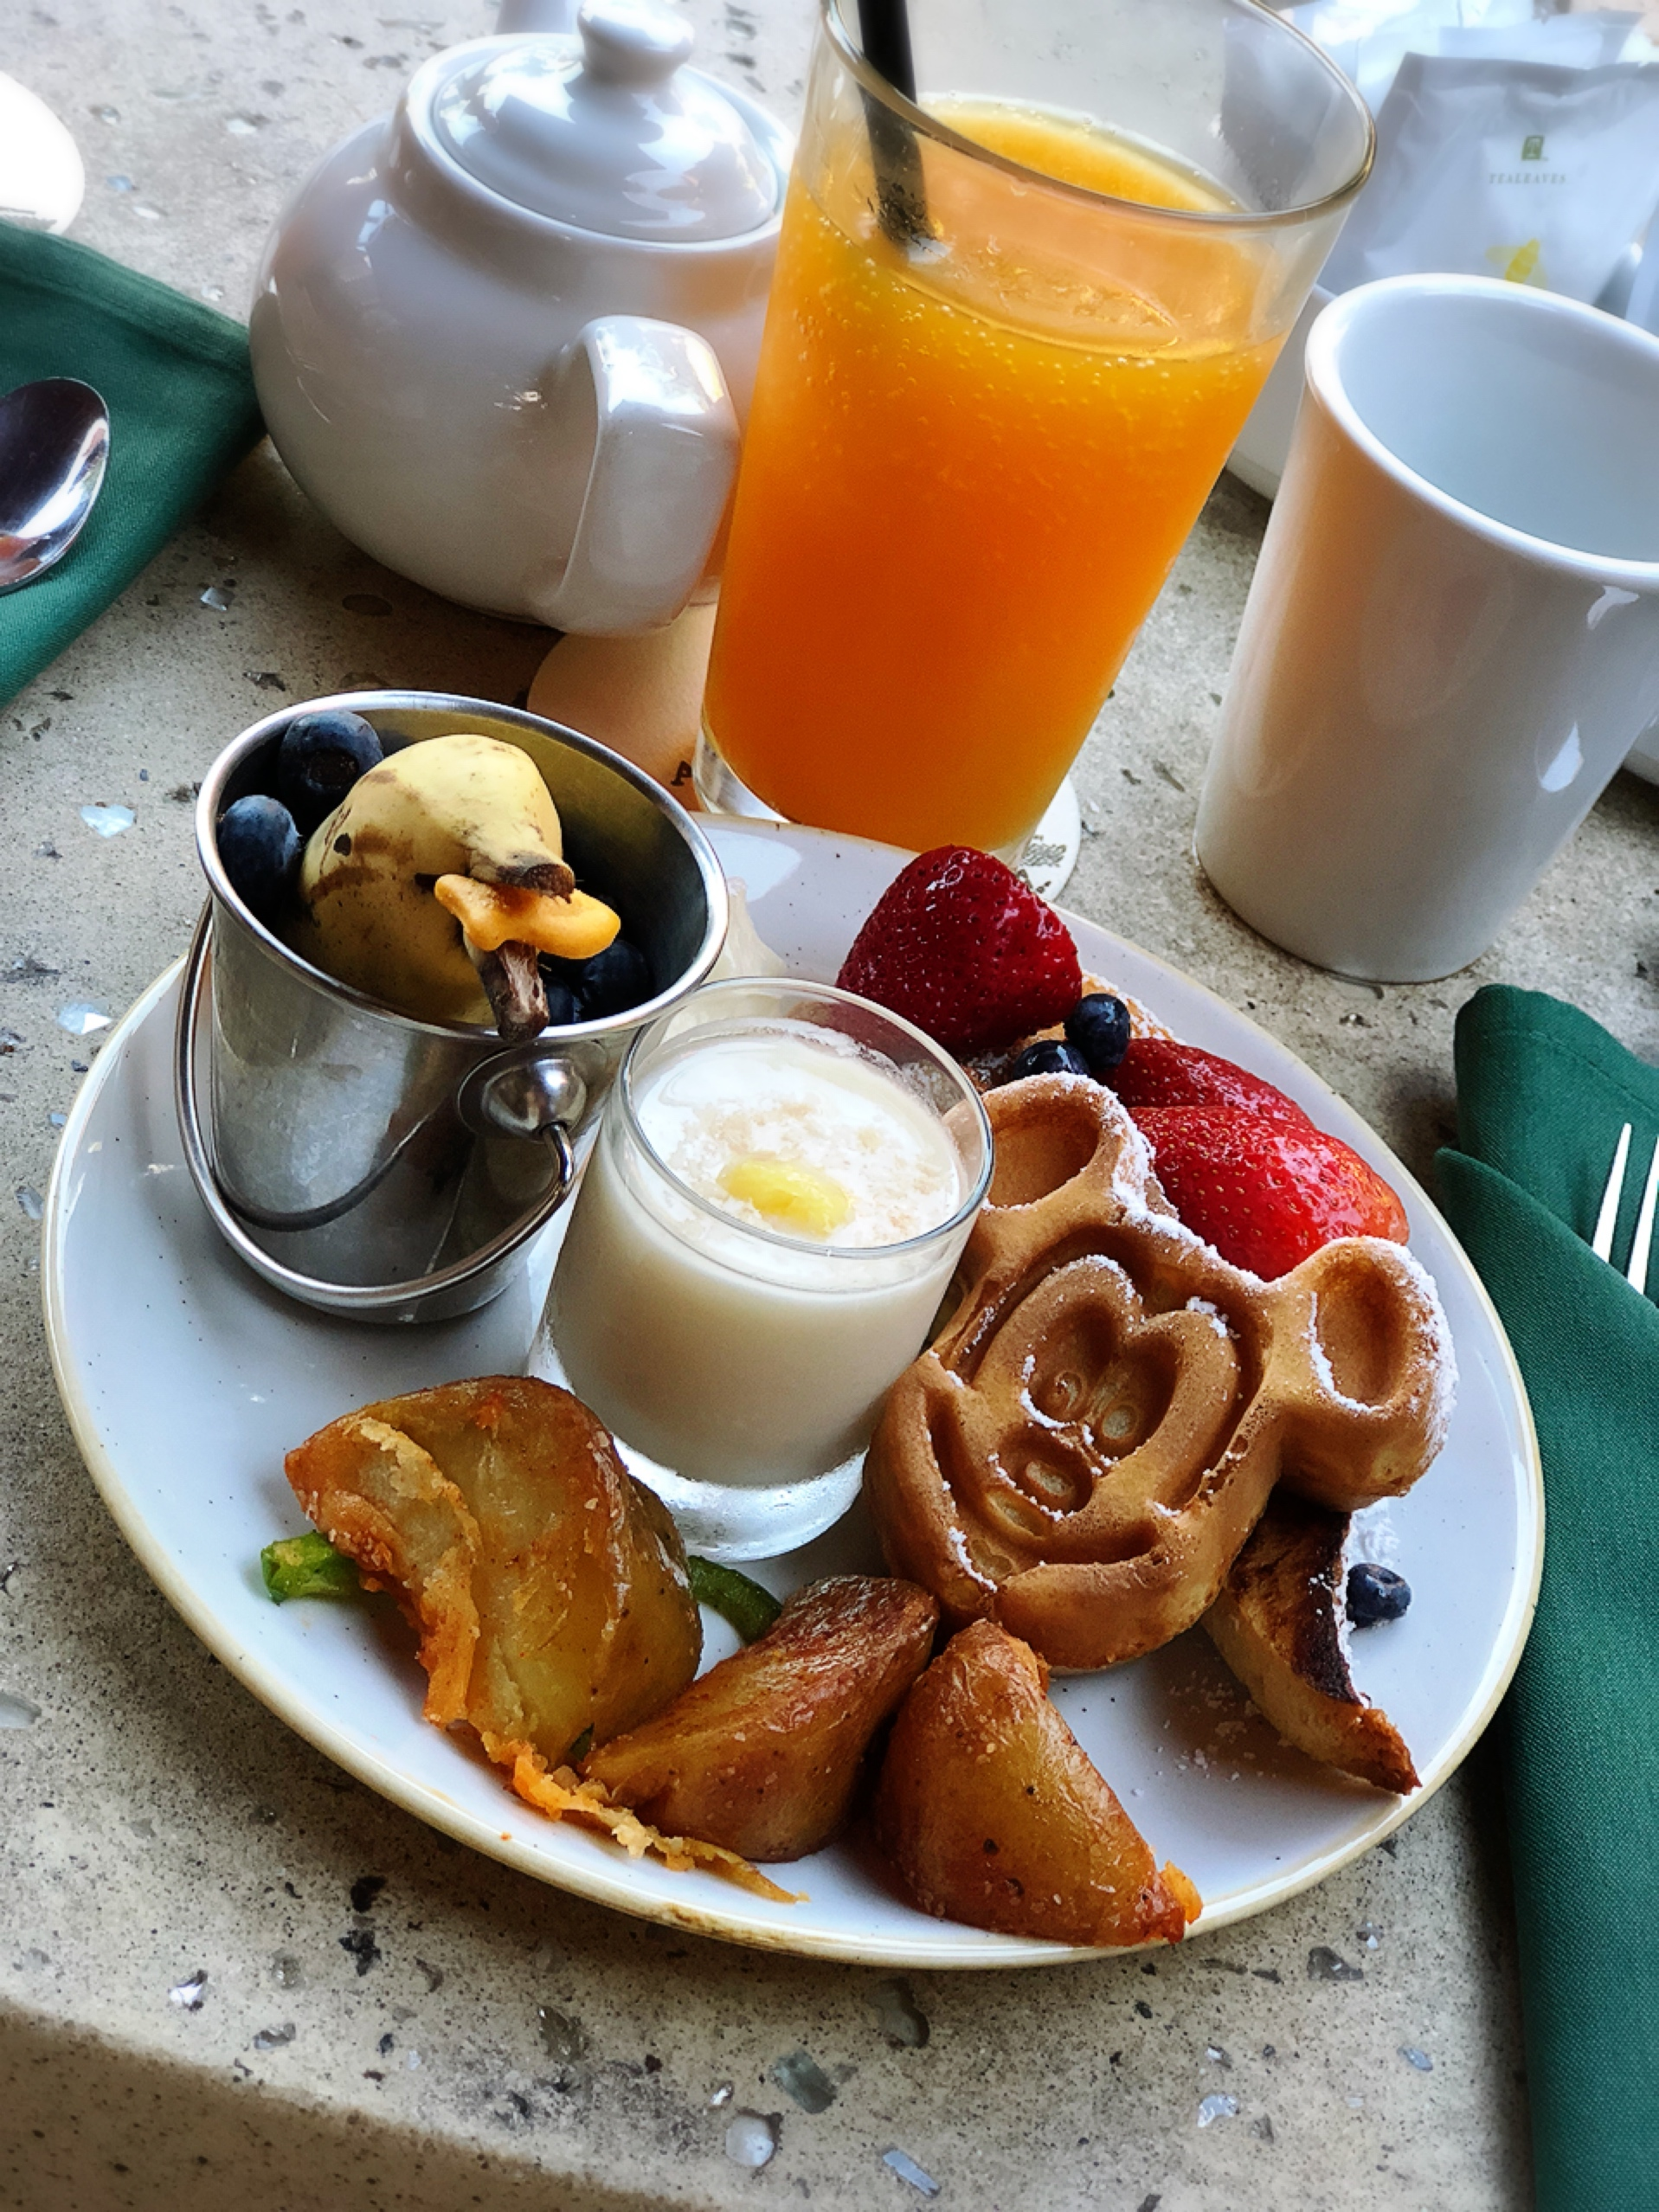 ミッキー達とご飯❥パンケーキを始め限定メニューの朝ビュッフェʚ◡̈⃝ɞ_1_4